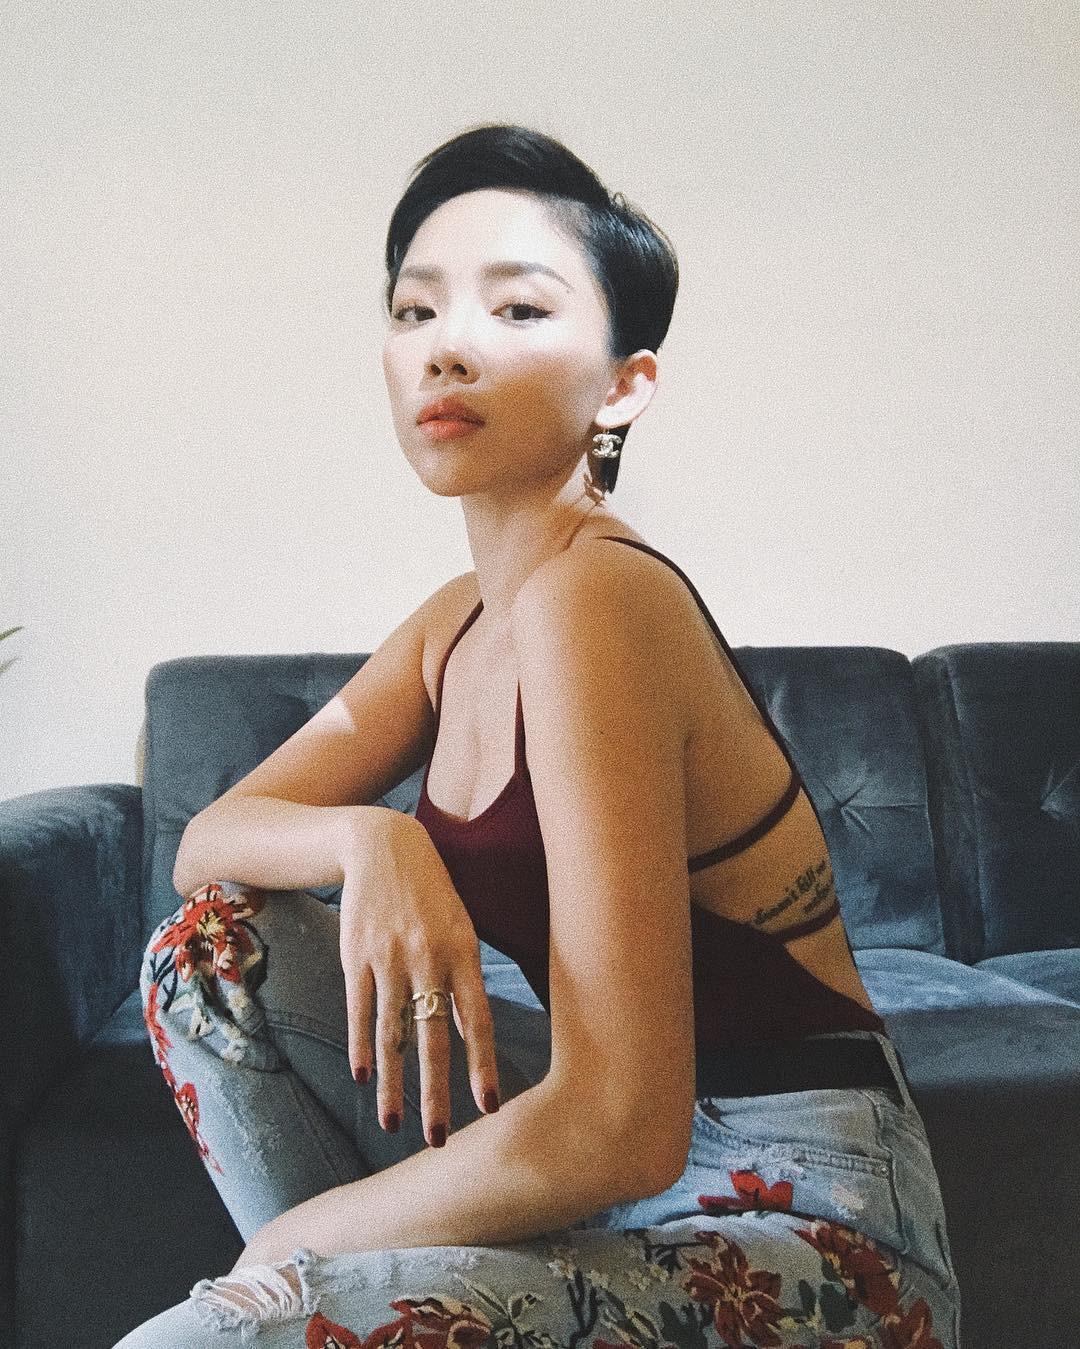 Khi 4 sao nữ Việt này để tóc bob: ai cũng sang và quyến rũ thêm bội phần - Ảnh 7.